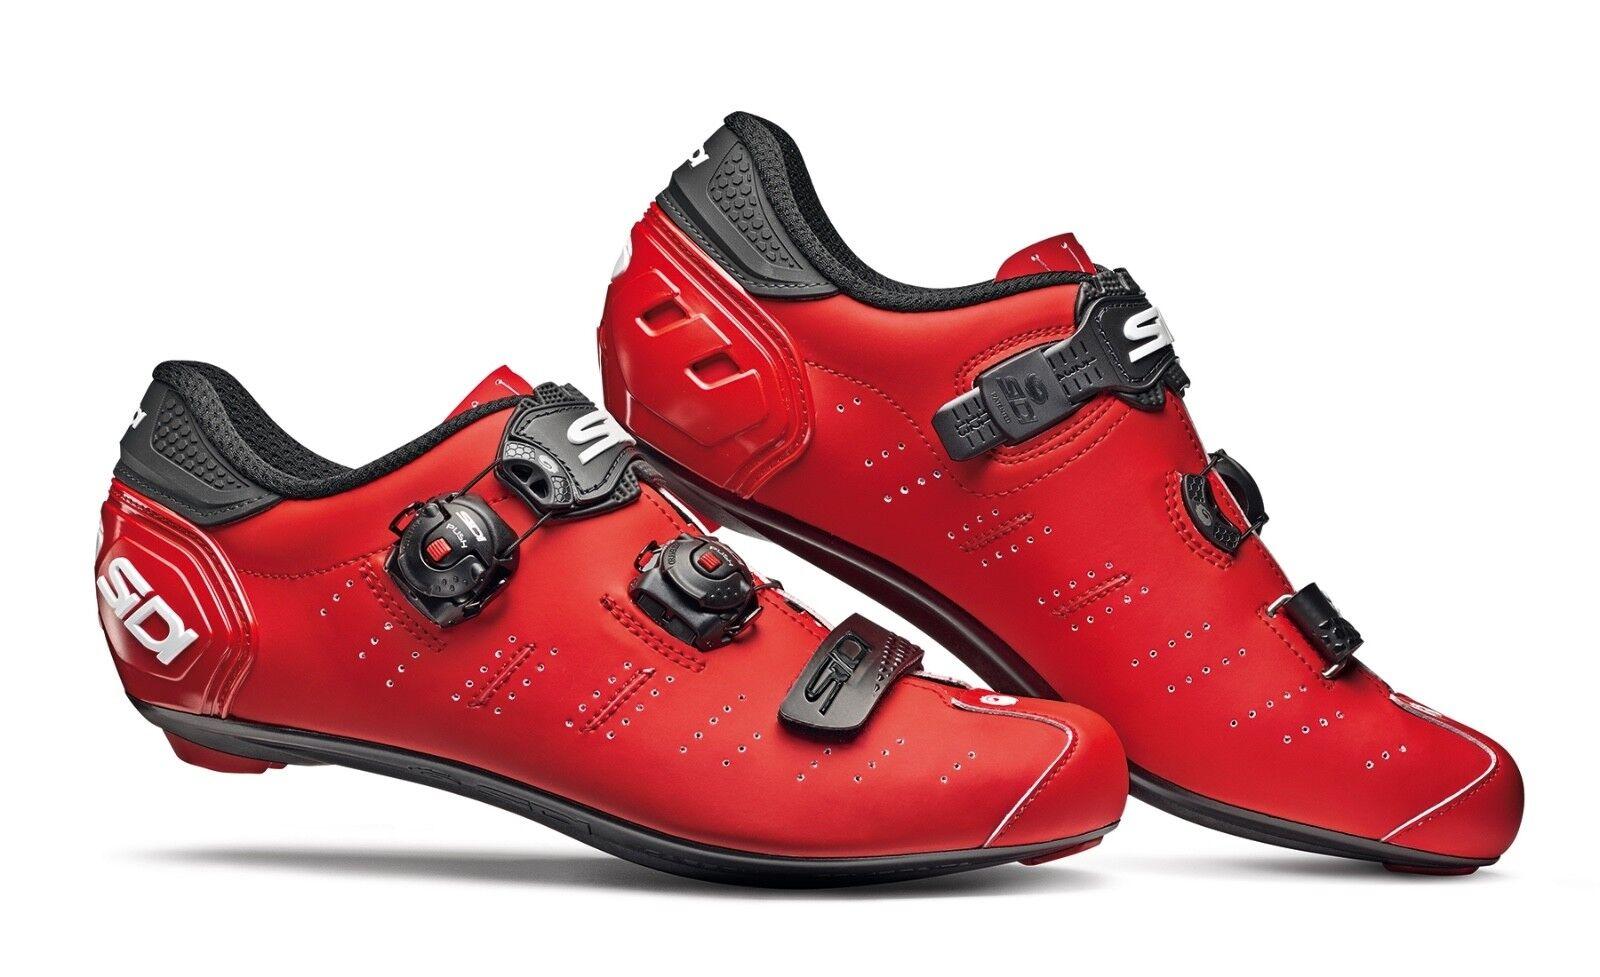 Schuhe Schuhe Schuhe SIDI ERGO 5 MATT Rot schwarz Größe 46 18300b